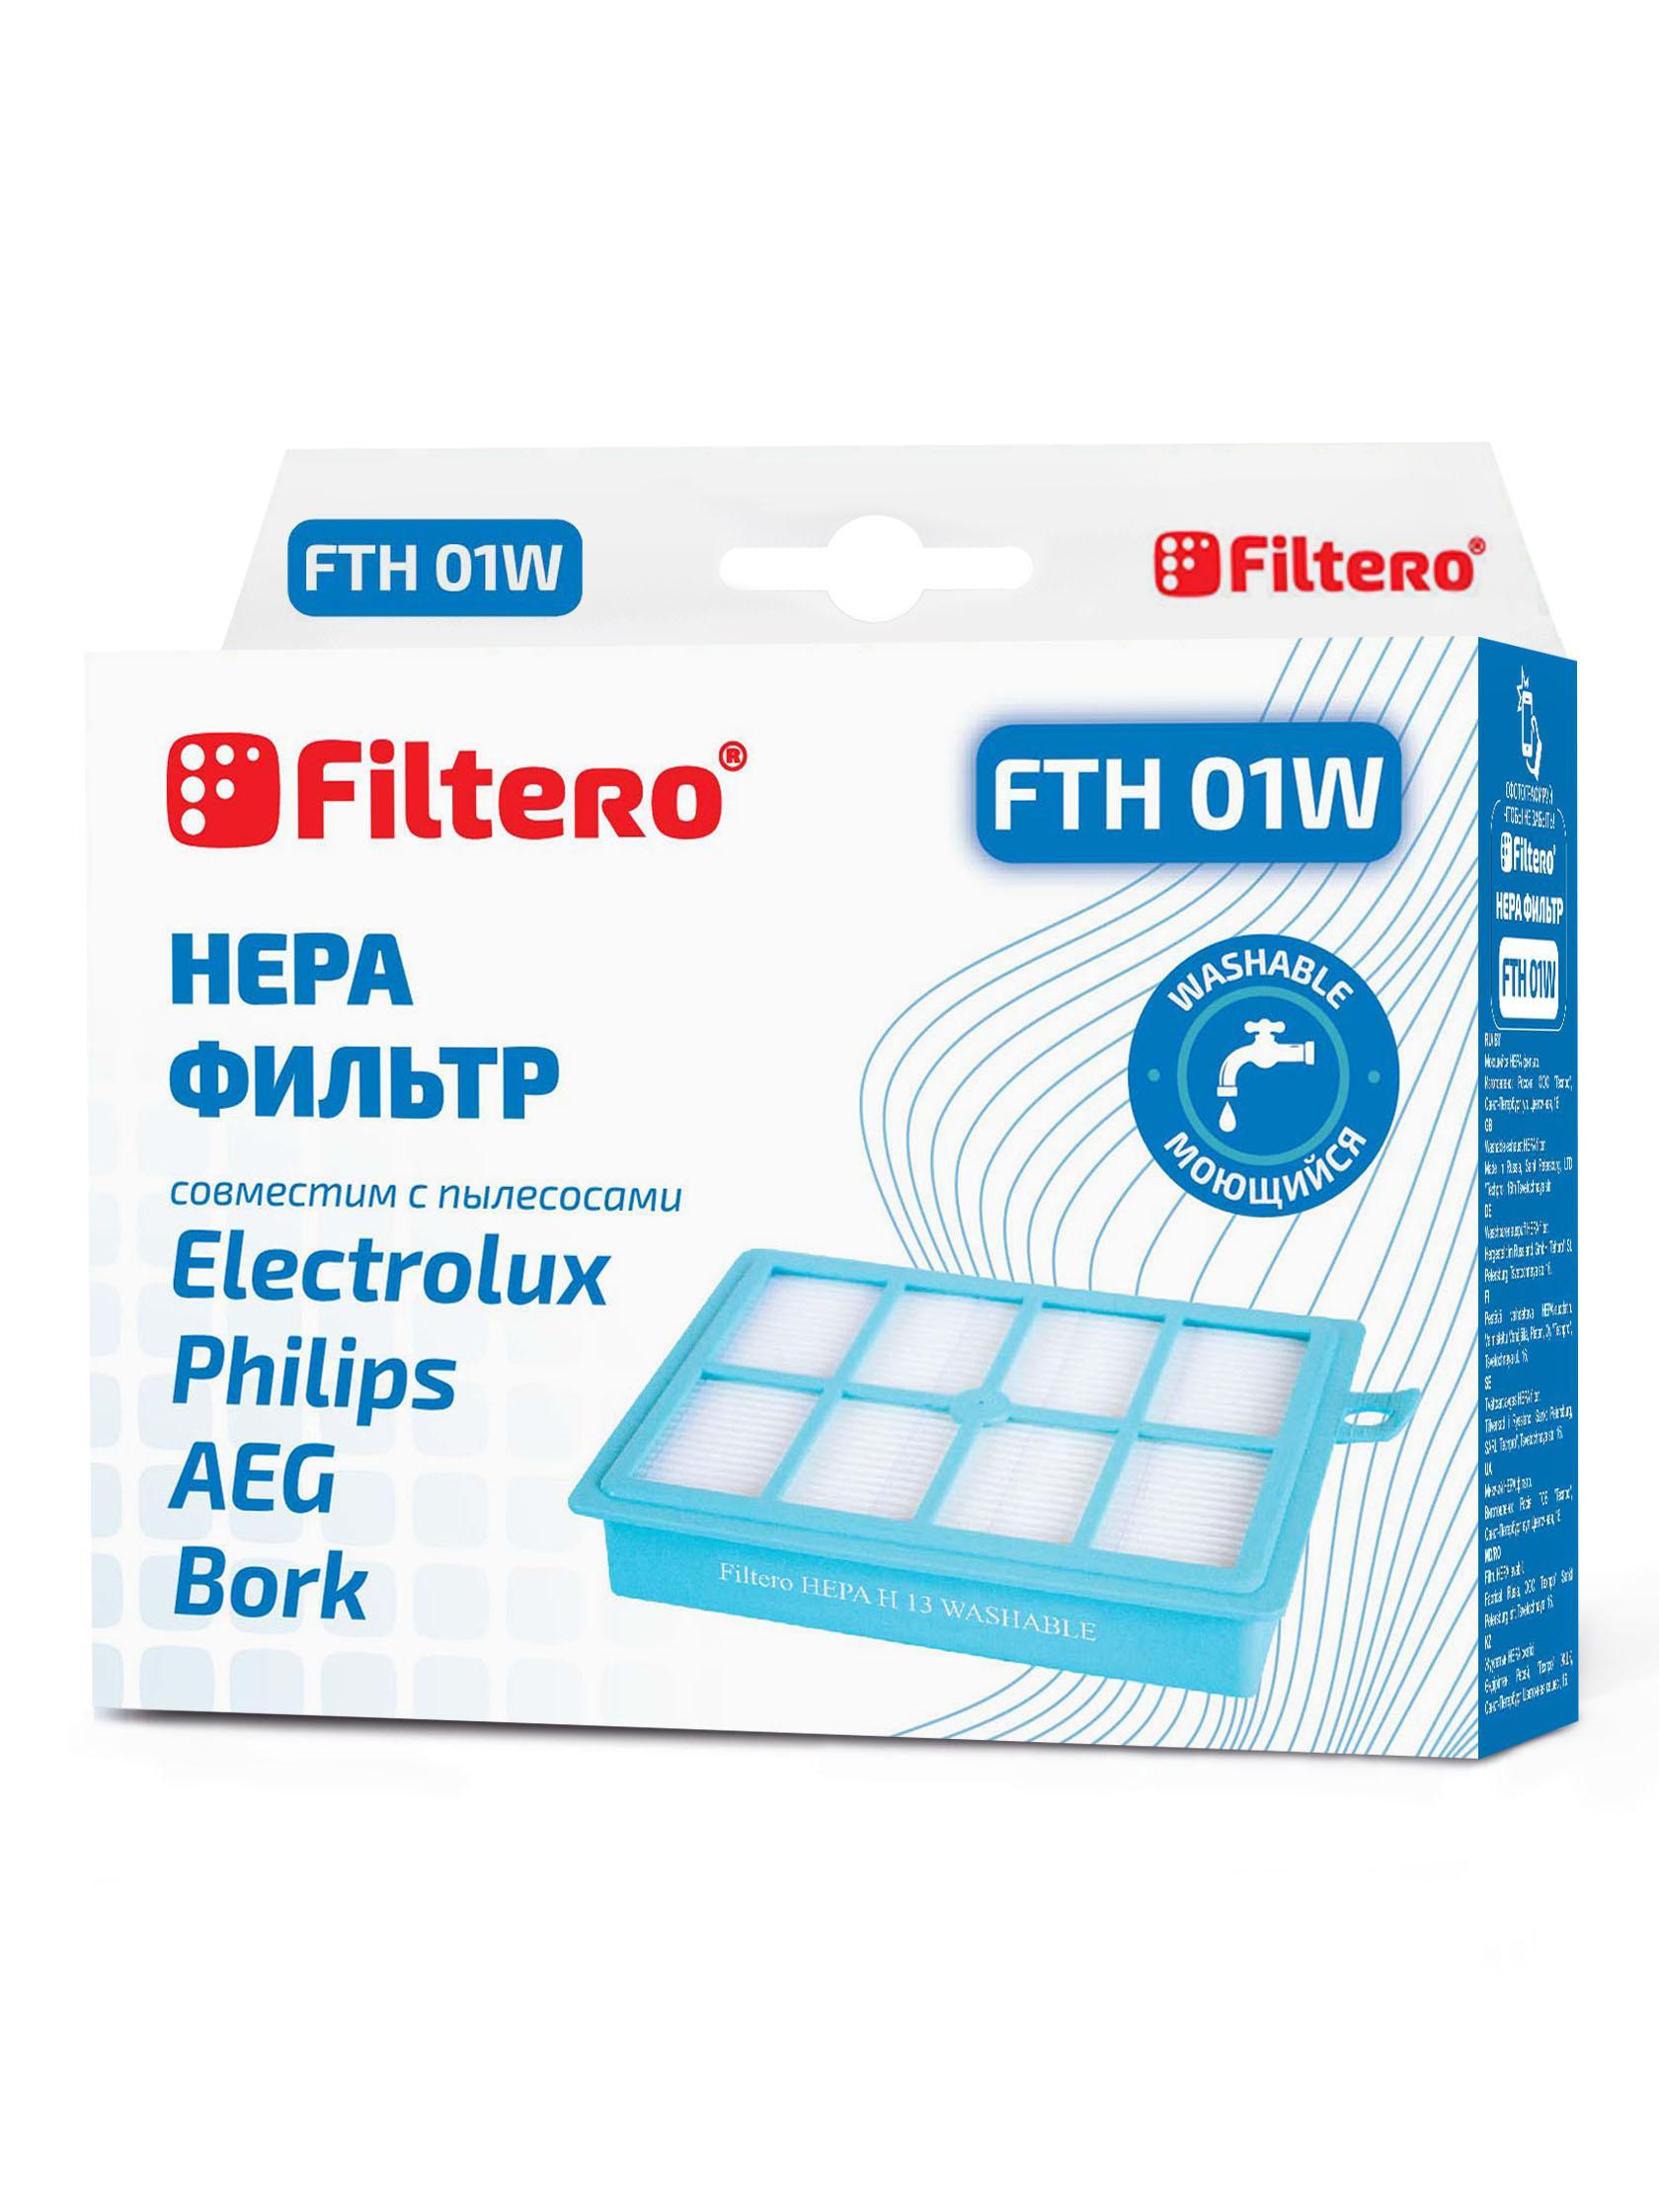 Фильтр Filtero Fth 01 w elx